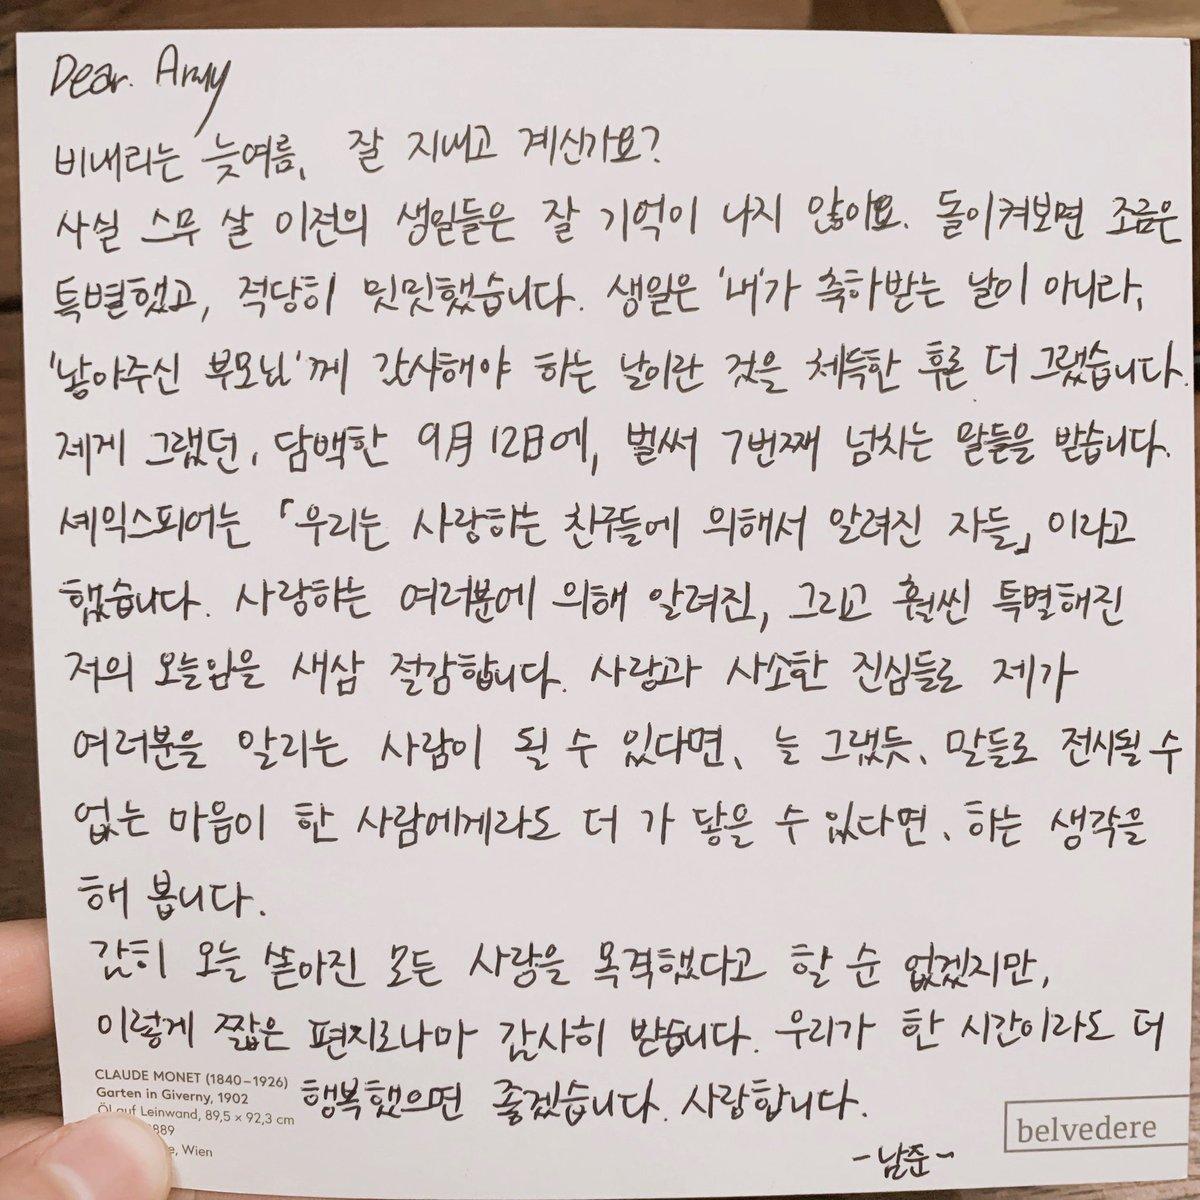 방탄소년단 (@BTS_twt) on Twitter photo 2019-09-12 13:31:18